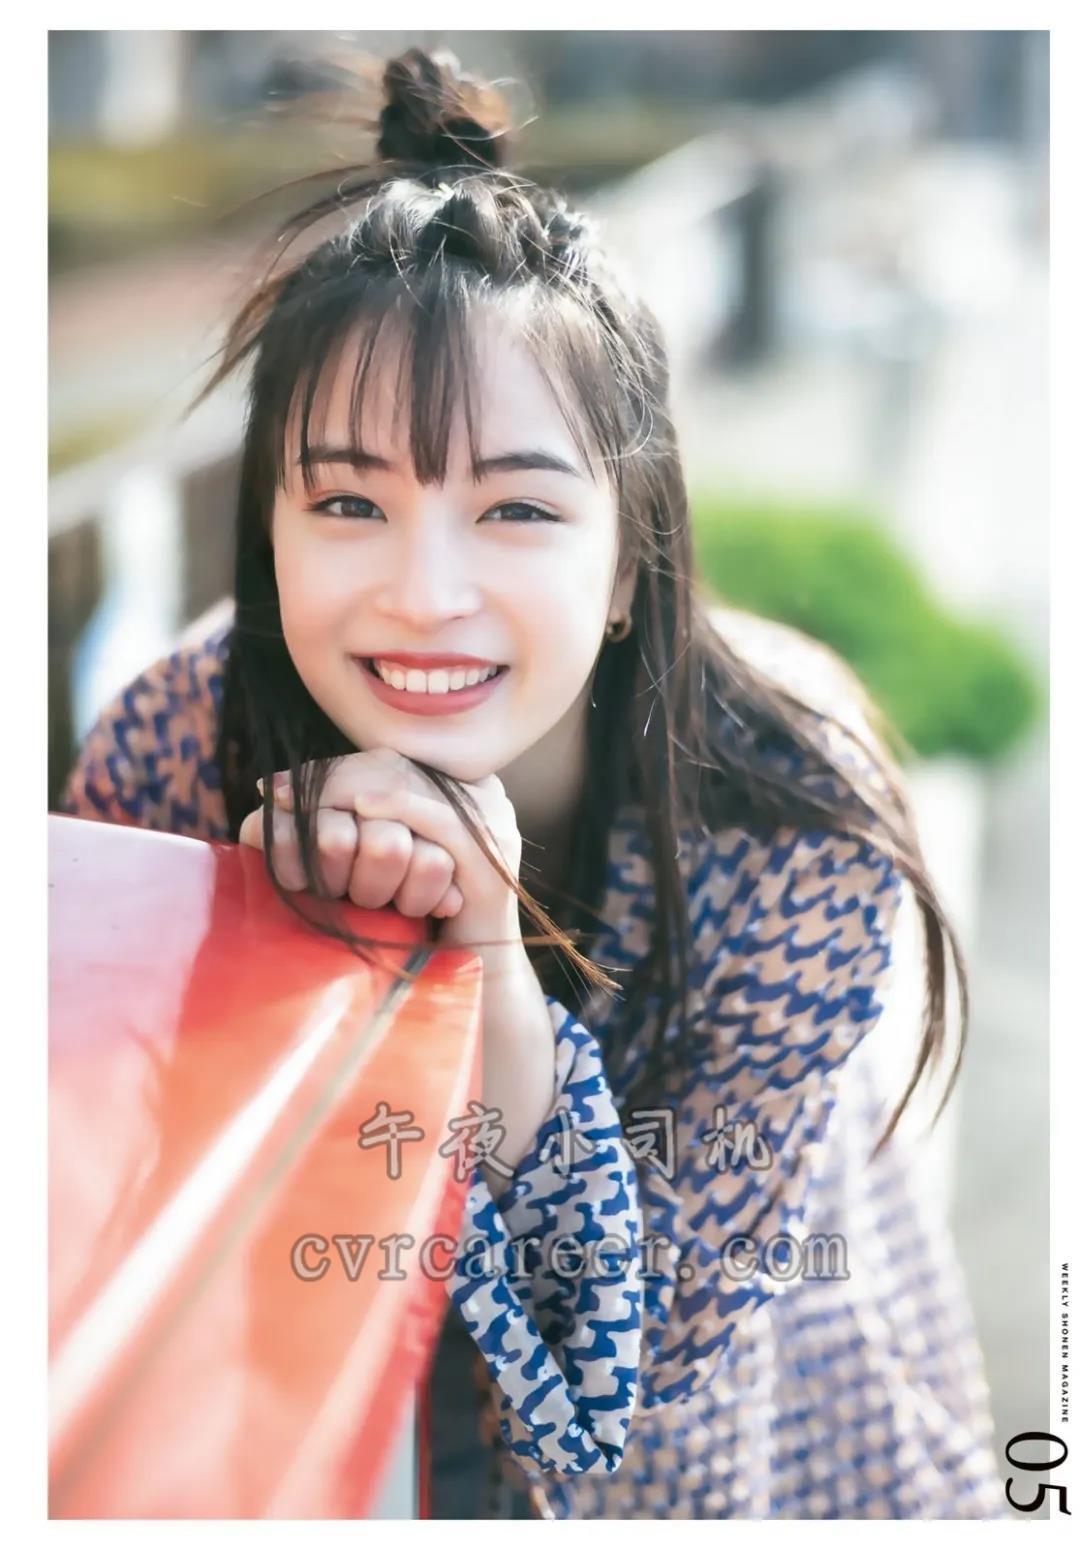 宅妹子suzu.hirose.official的图片 第12张